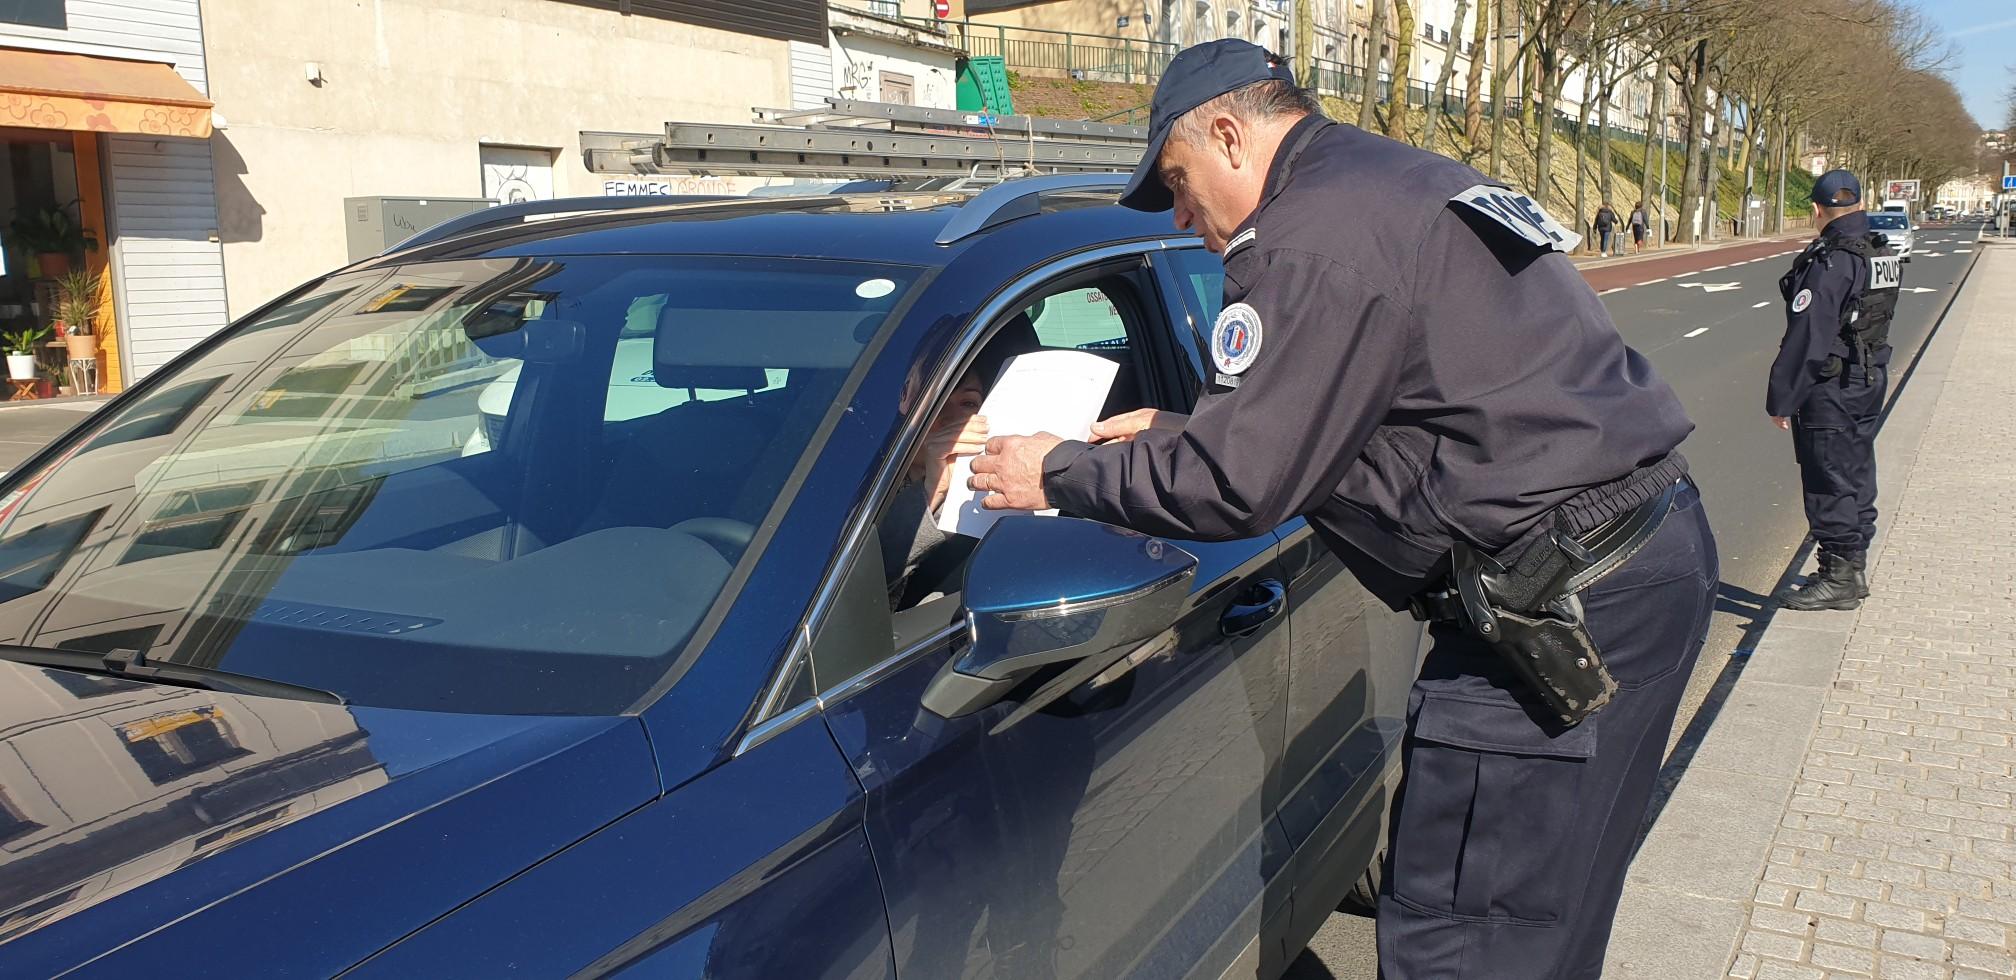 A Rouen, les services de police vont contrôler nuit et jour les déplacements de tous les usagers : automobilistes, cyclistes, motards, piétons  - Photo © DDSP76